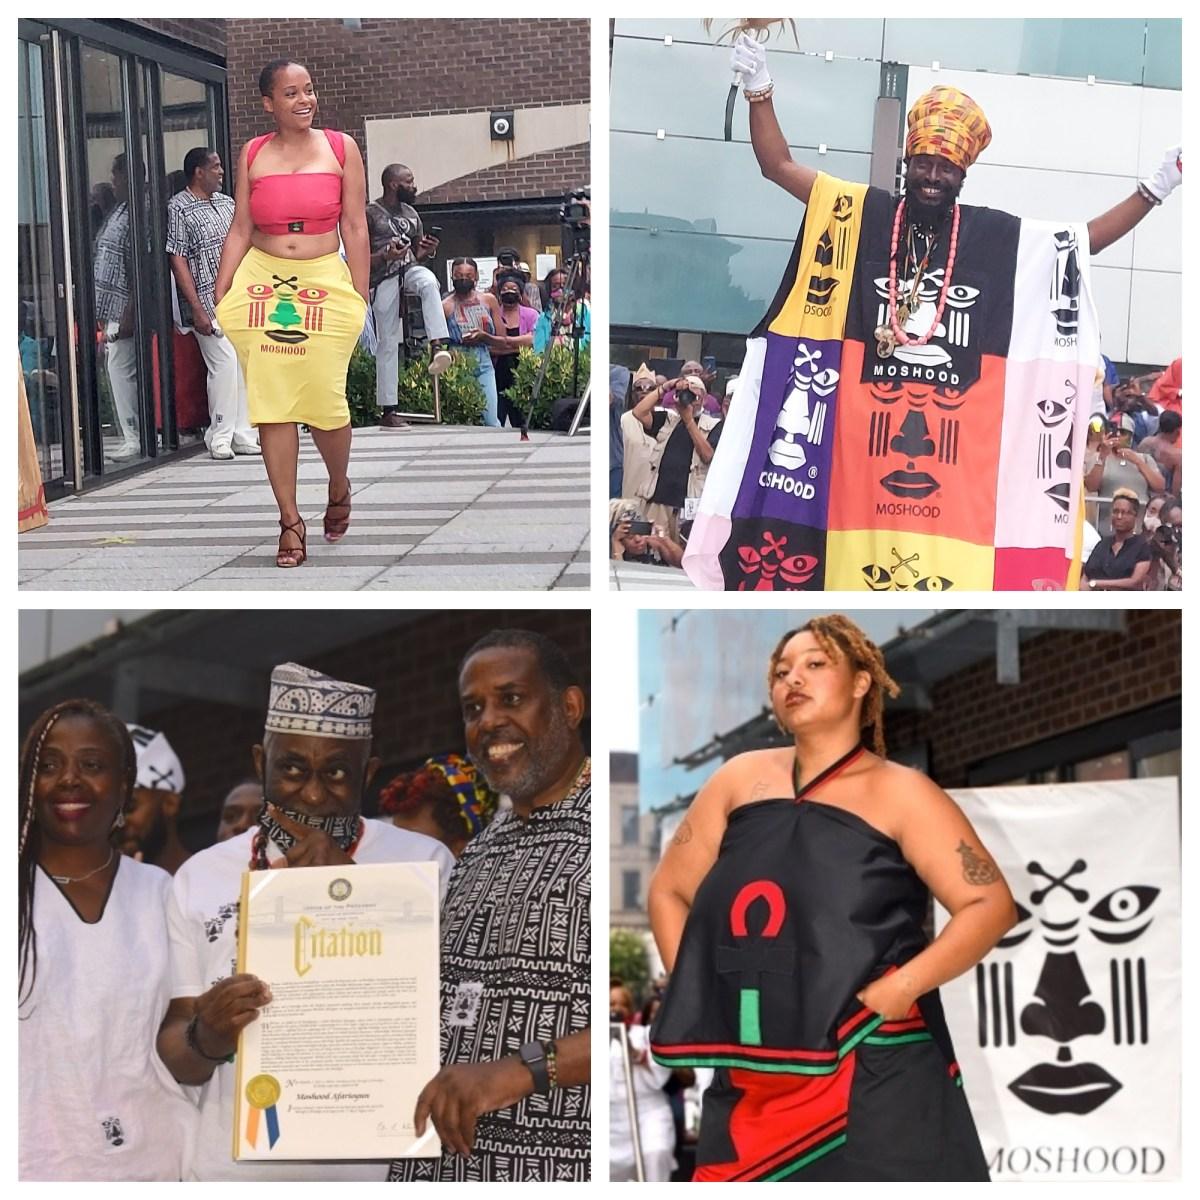 27th Annual Moshood Fashion Show (307167)